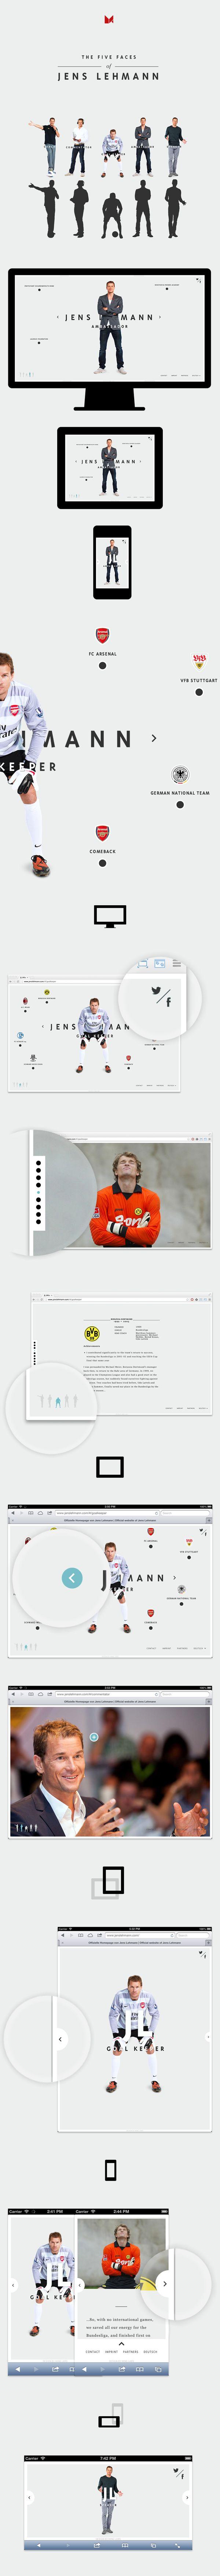 Jens Lehmann - Personal Website by MING Labs, via Behance